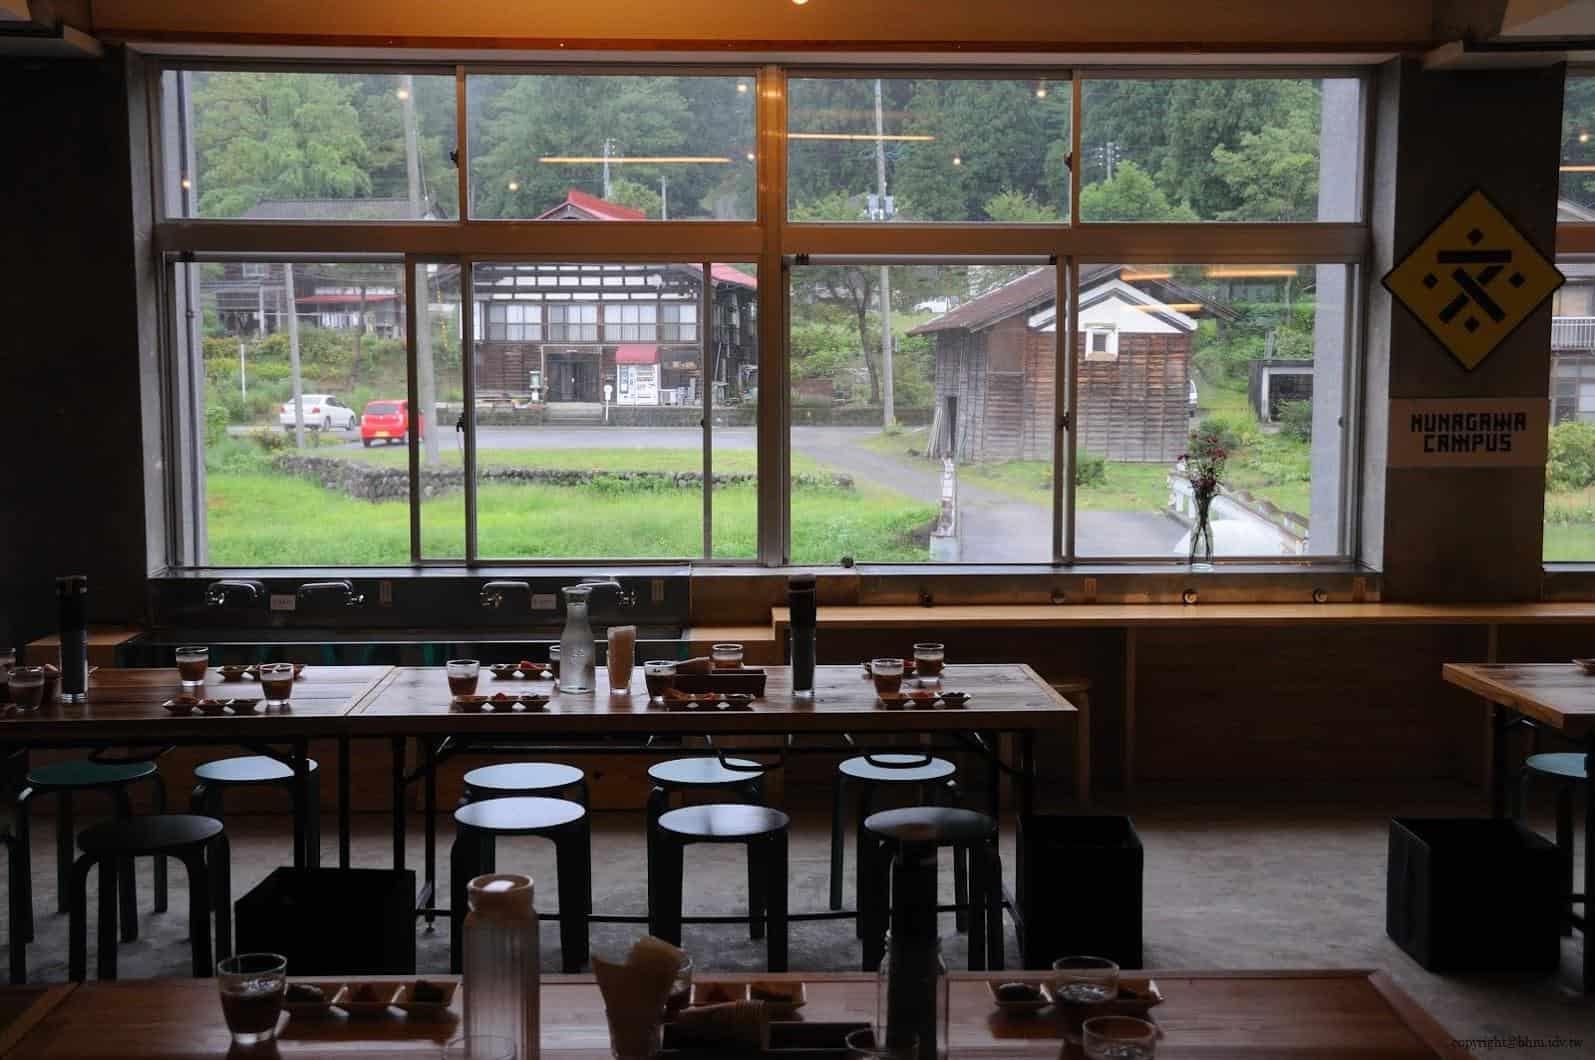 奴奈川校園-TSUMARI KITCHEN,米澤文雄(Jean-Georges),個人很喜歡的用餐空間,環境讓人放鬆與自在 art-field 奴奈川校園-TSUMARI KITCHEN tsumari kitchen 12